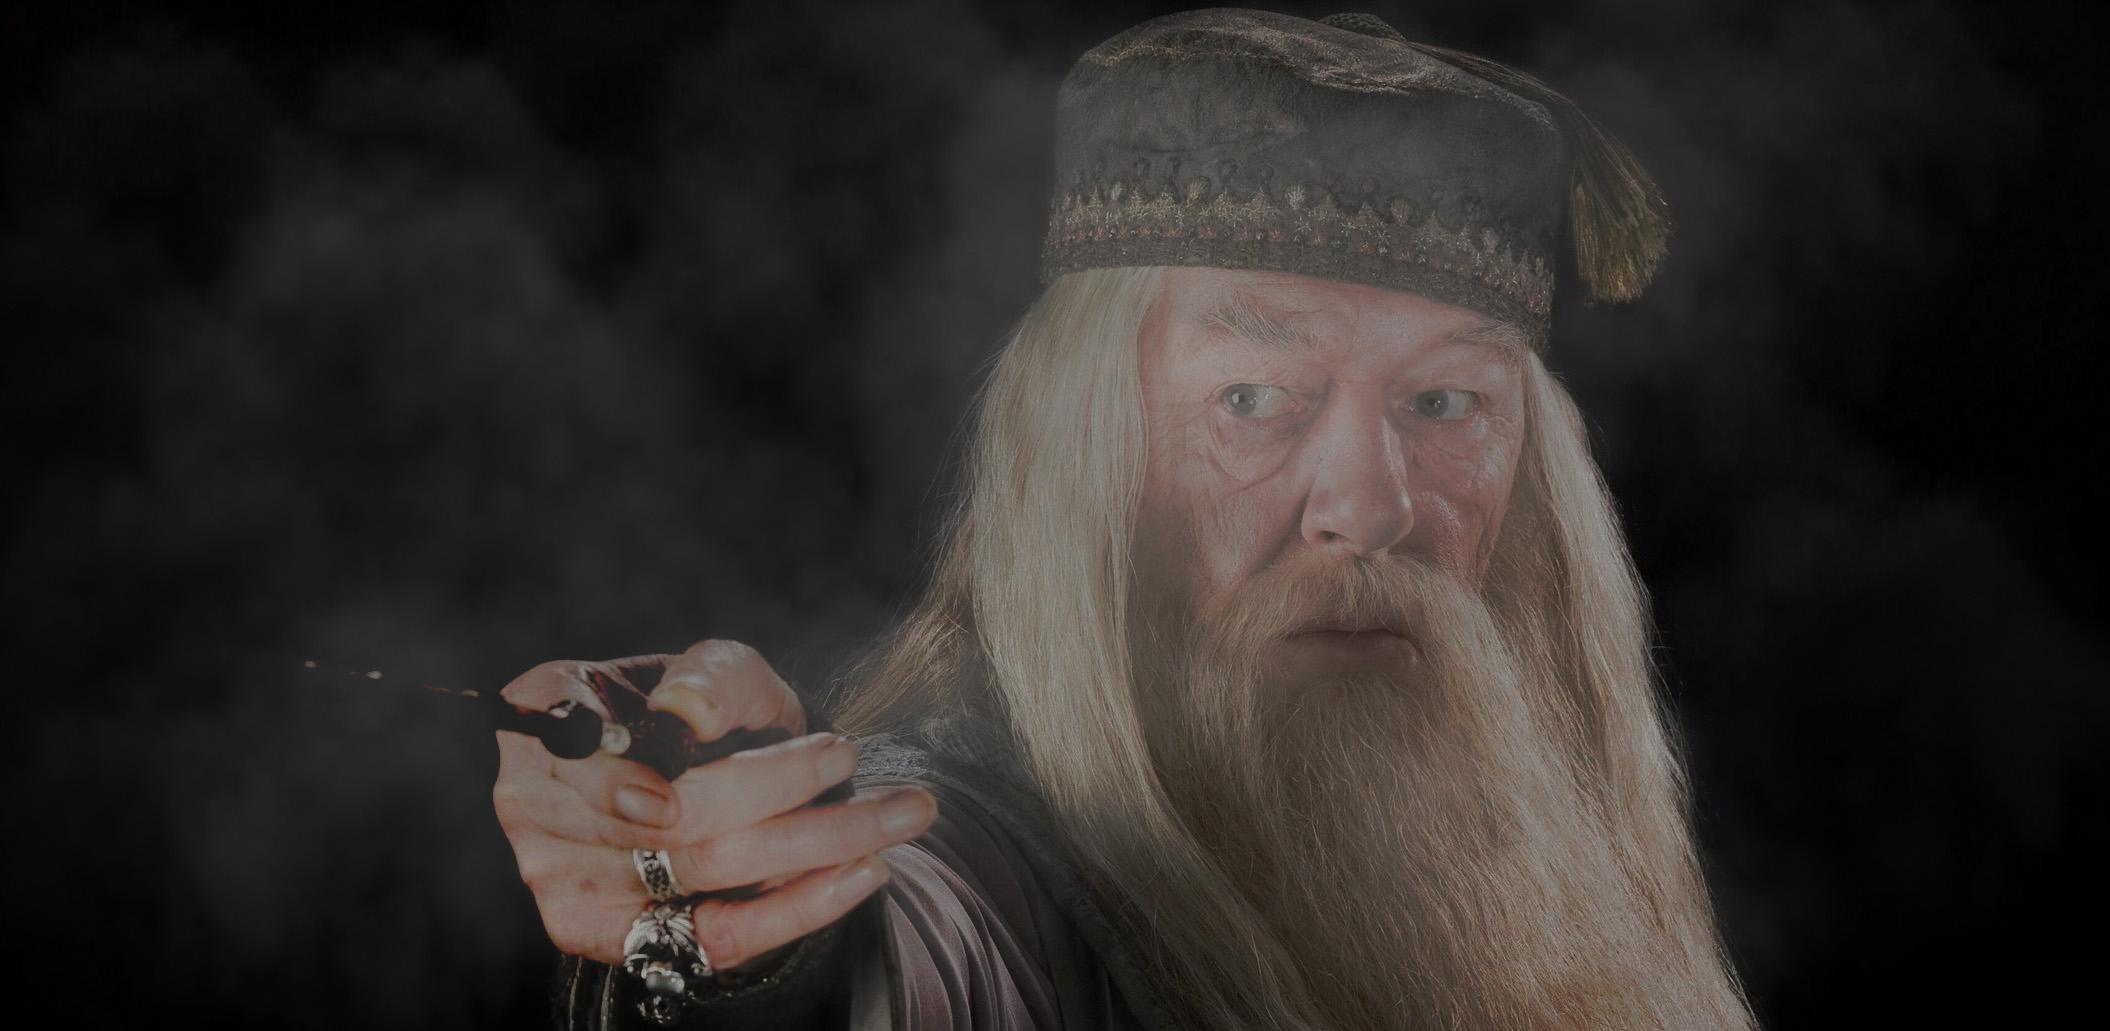 dumbledore - GetTopTrends